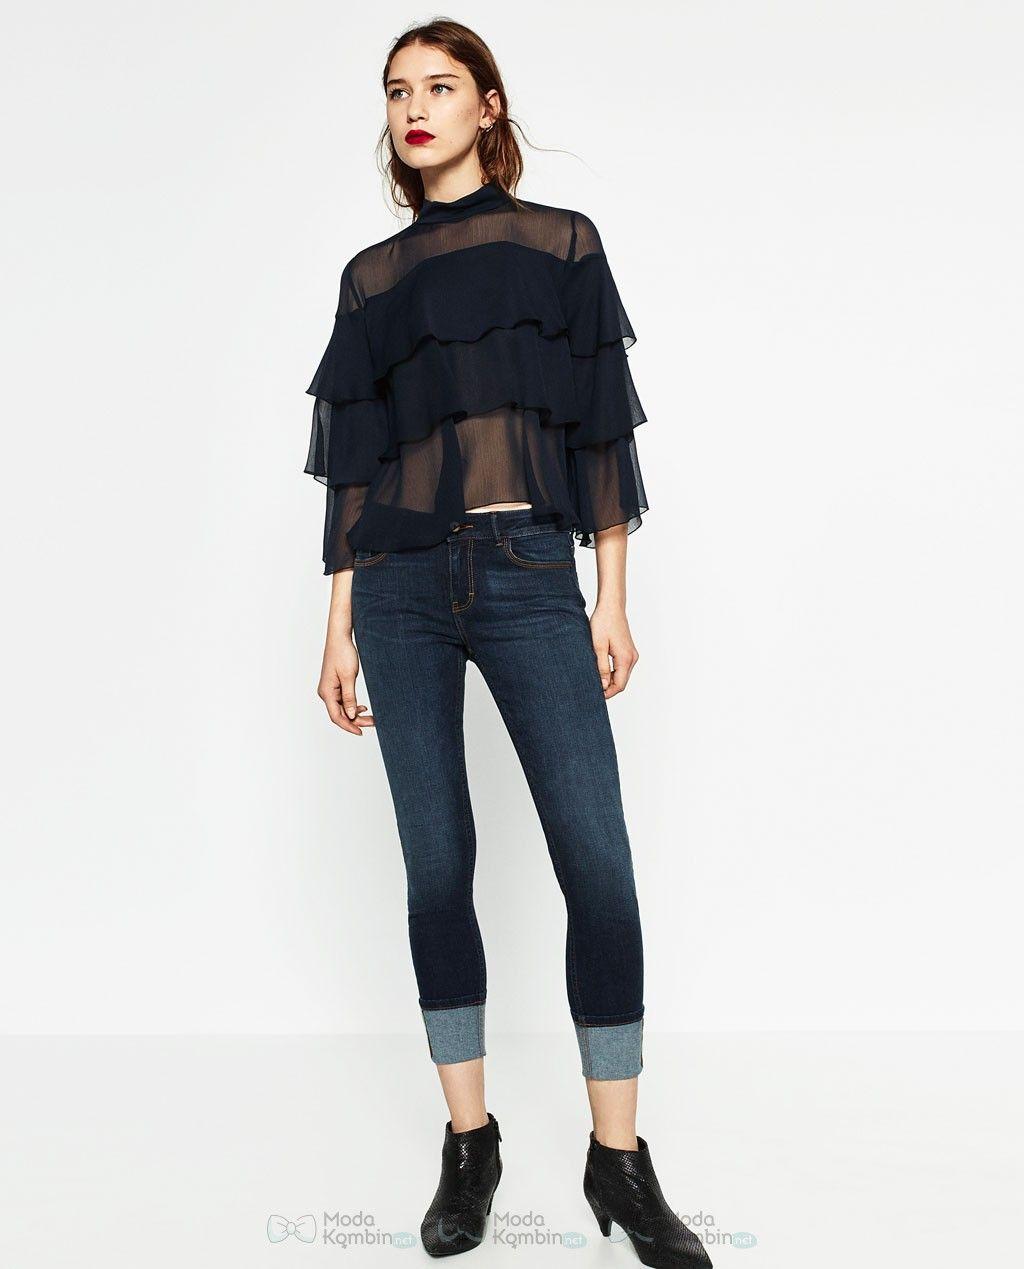 2017 Zara Bayan Jean Pantolon Modelleri Ve Fiyatlari 2017zarabayanjeanpantolonmodelleri 2017zarajeanpantolonmodasi Zara Moda Moda Stilleri